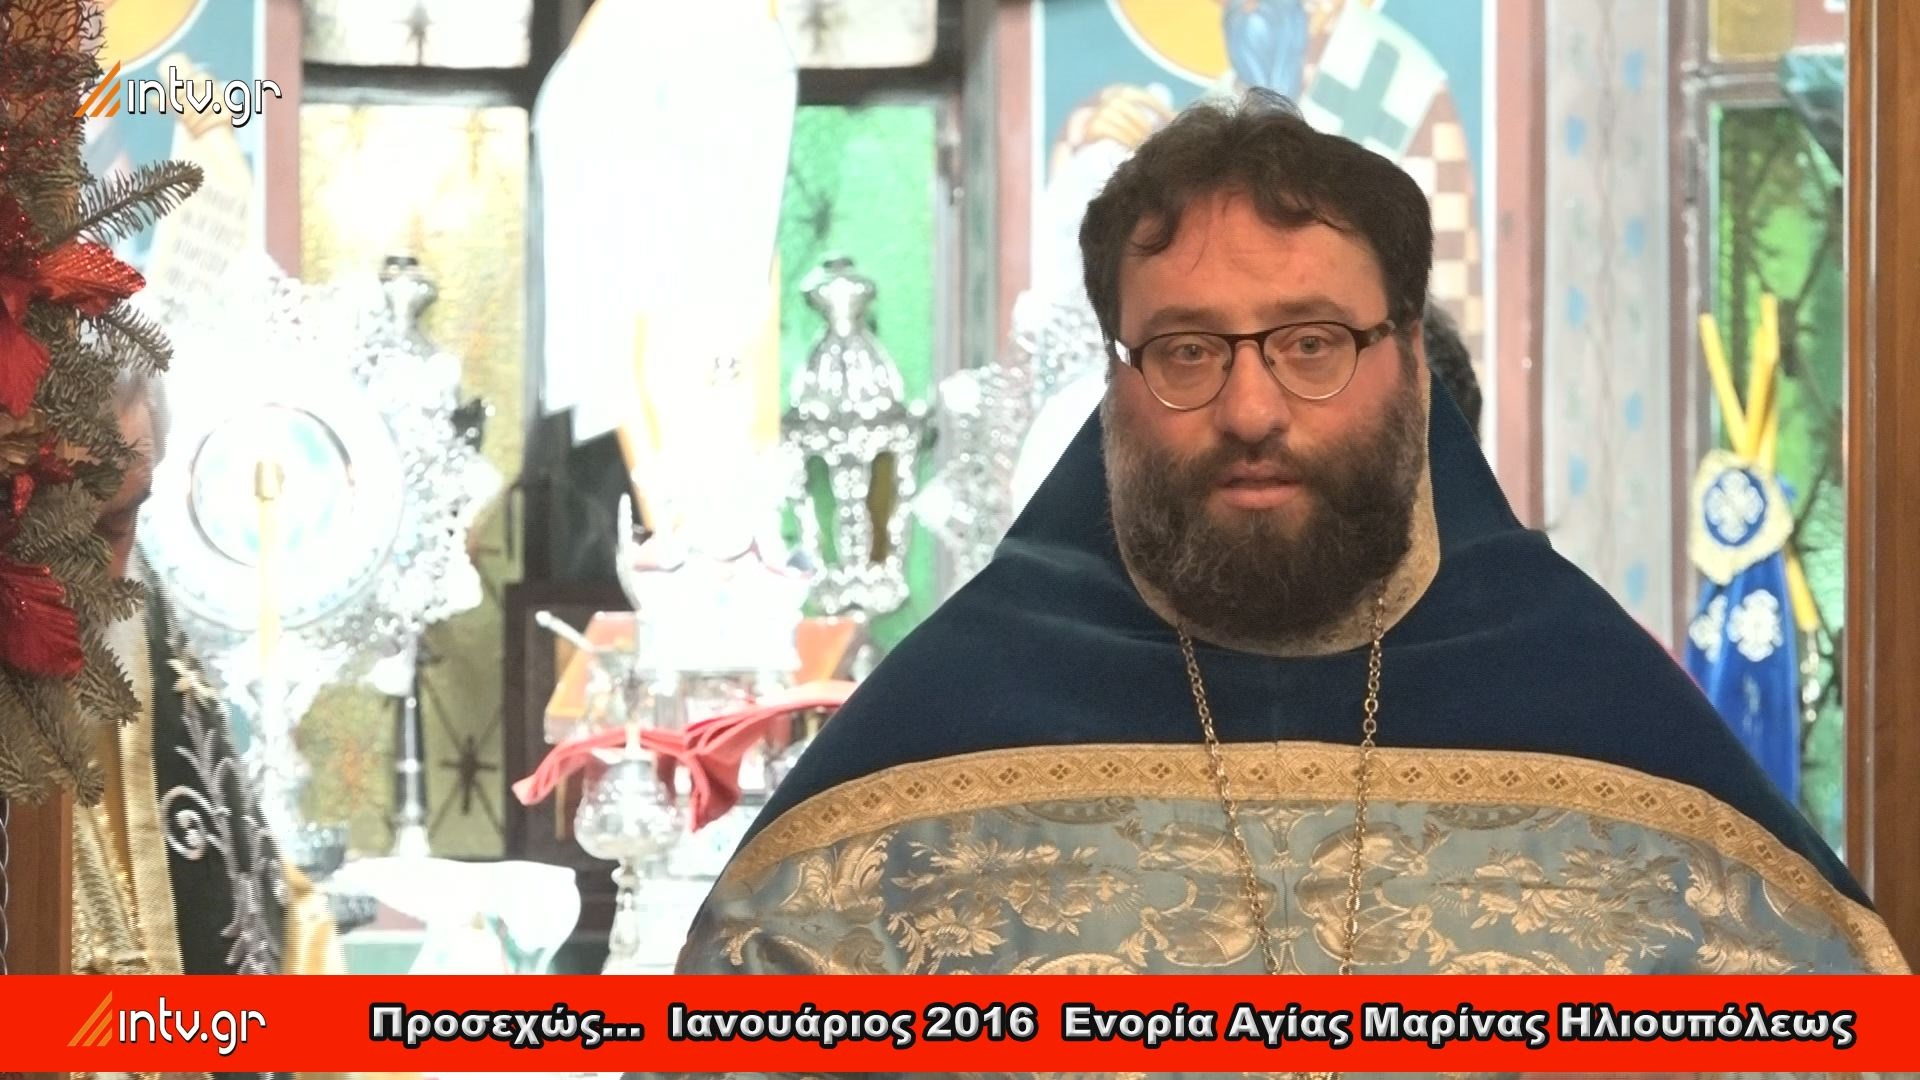 Προσεχώς...  Ιανουάριος 2016  Ενορία Αγίας Μαρίνας Ηλιουπόλεως